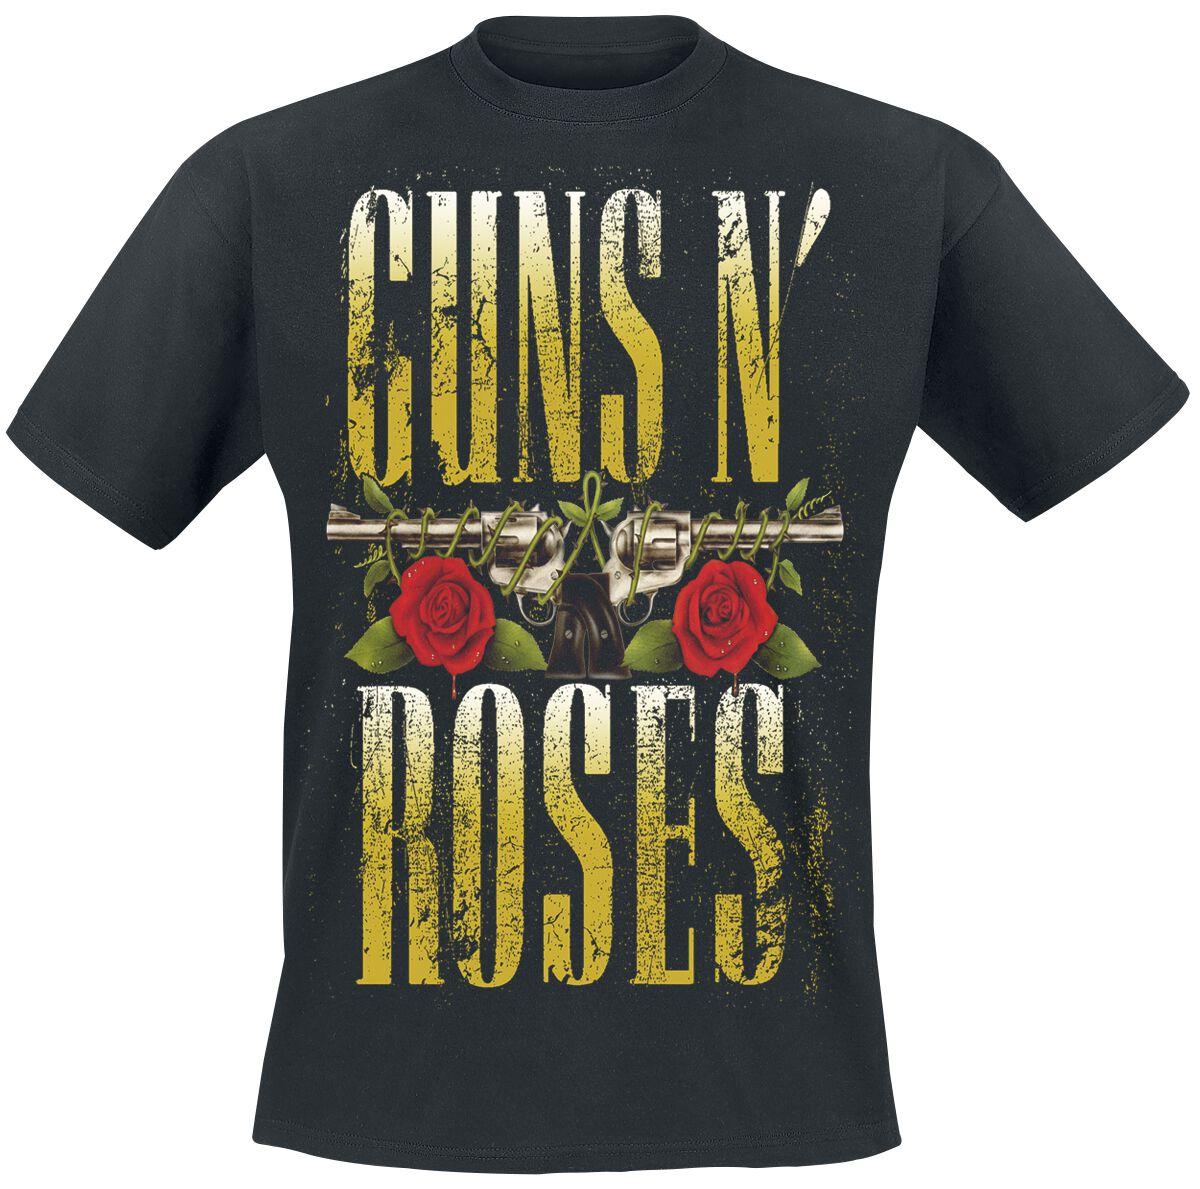 Image of   Guns N' Roses Big Guns T-Shirt sort